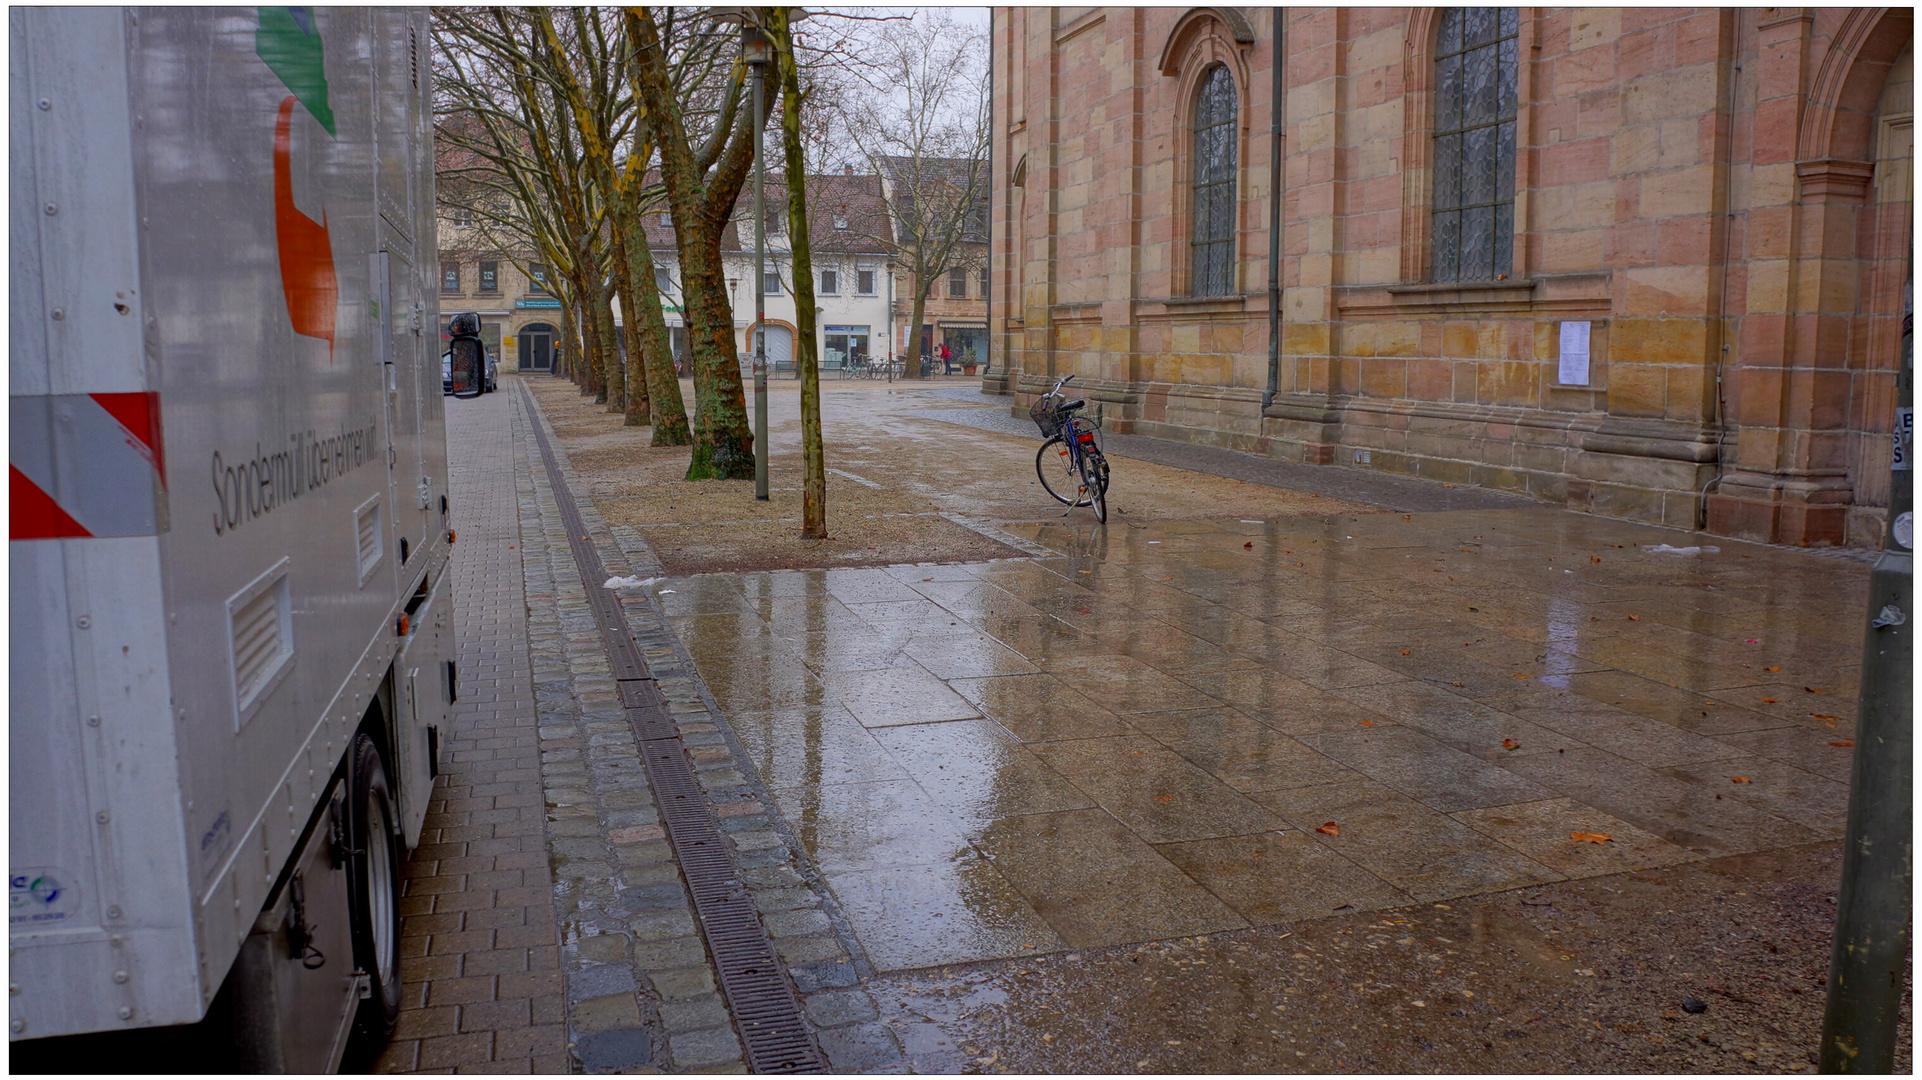 Zu Besuch in Erlangen XI (de visita en Erlangen XI)